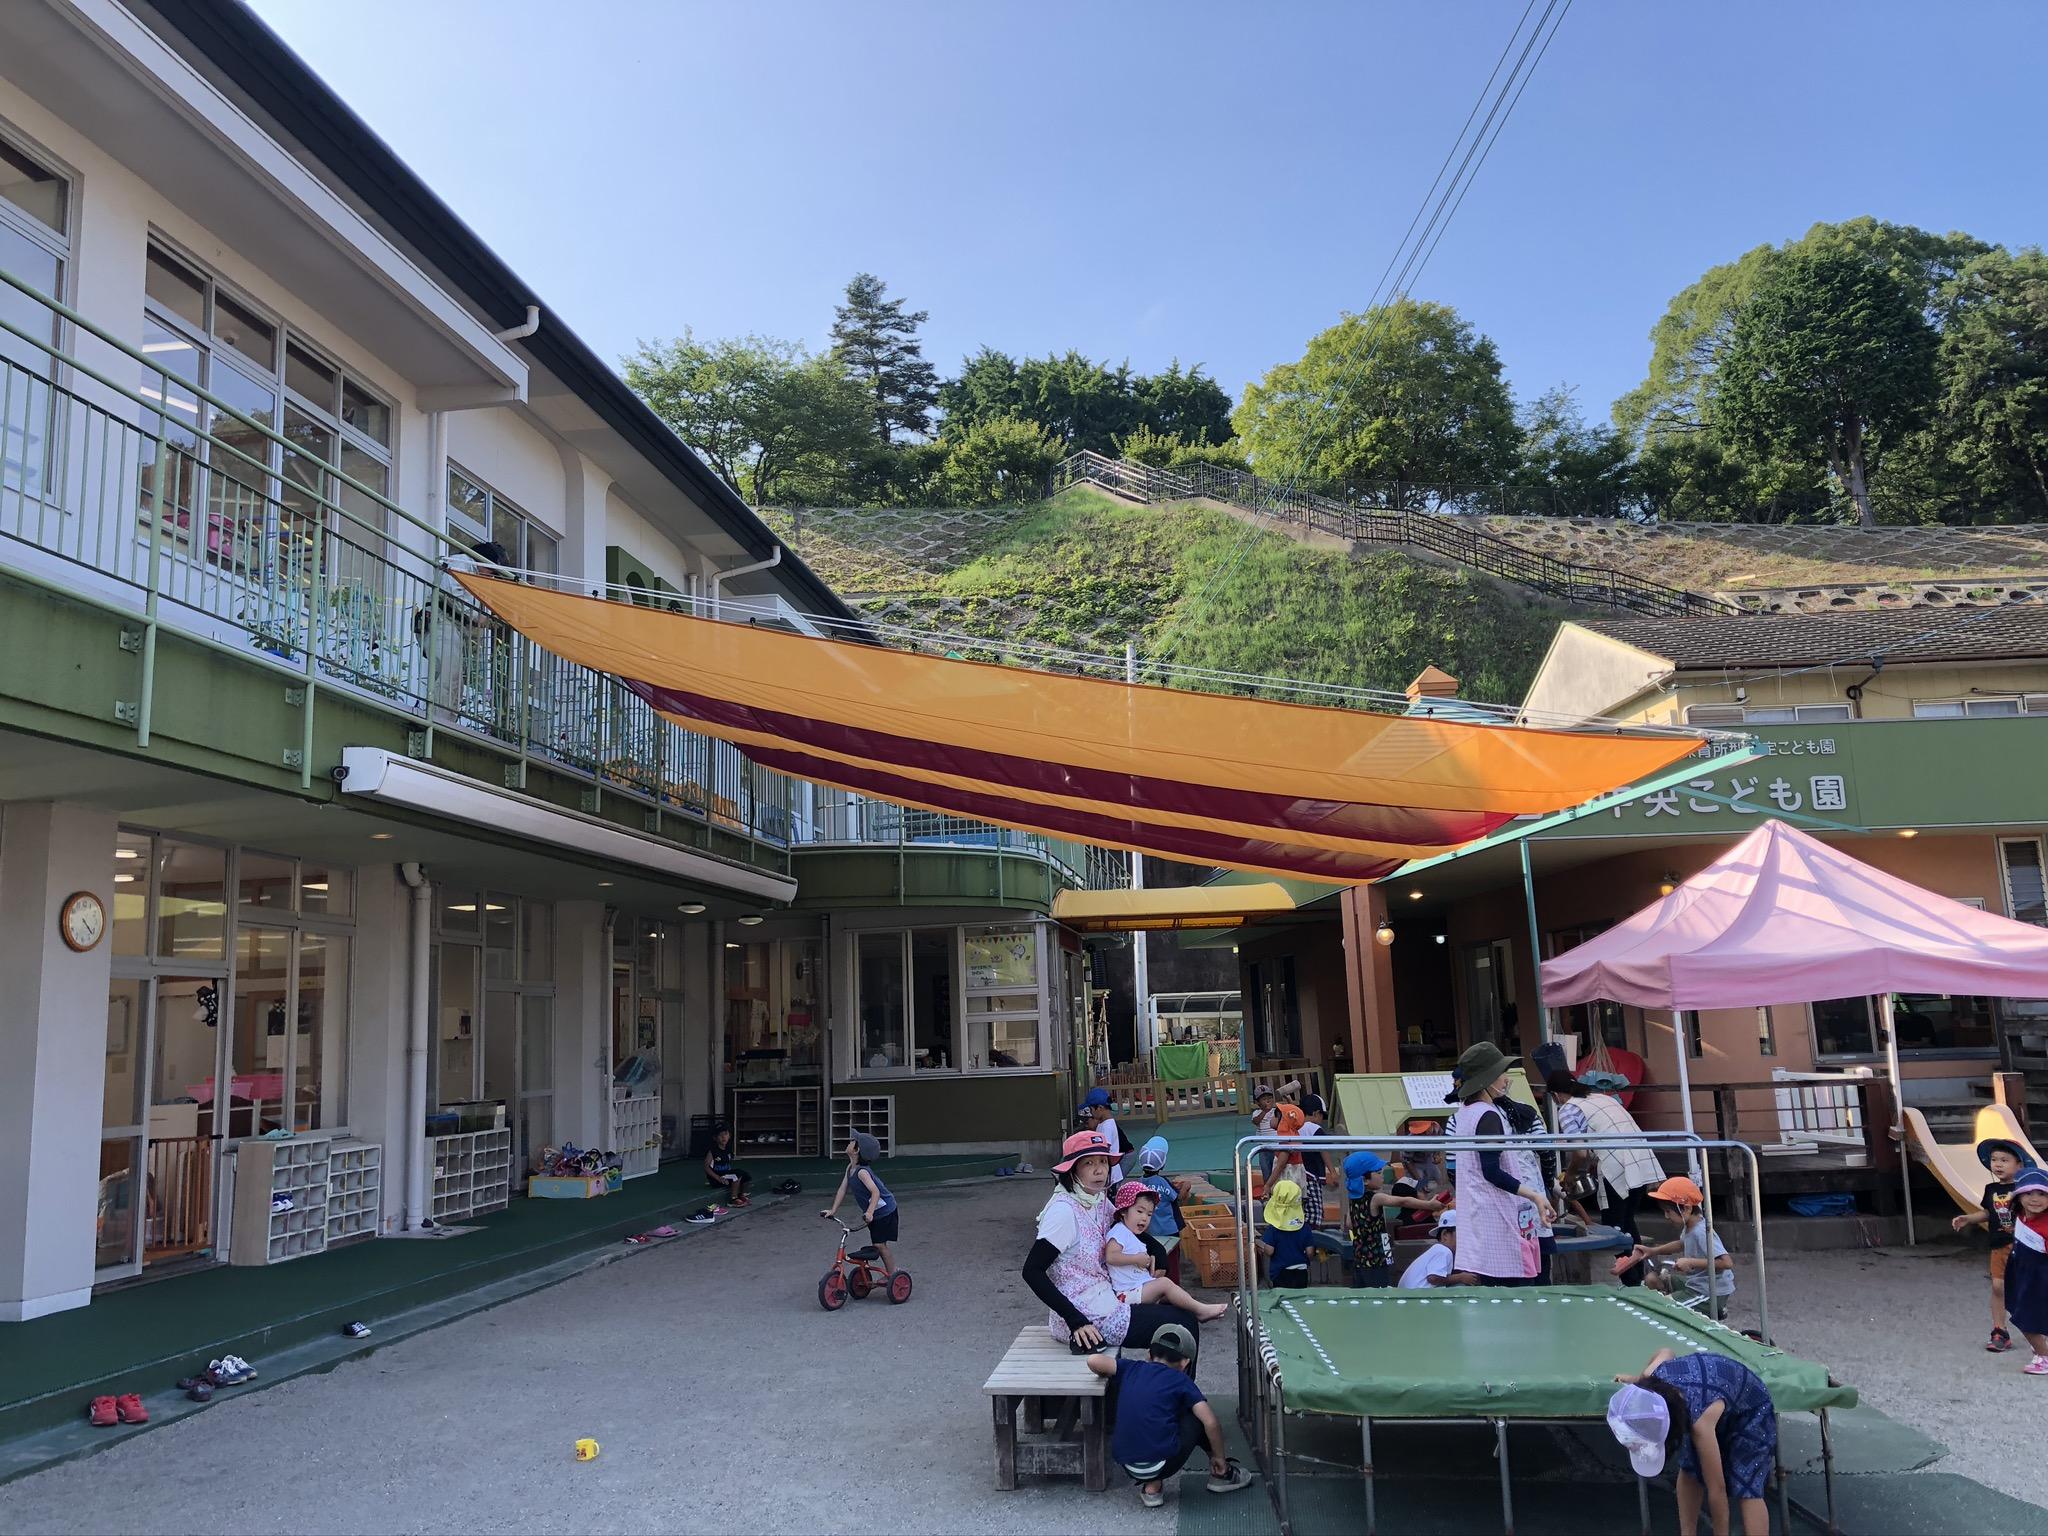 大分県 臼杵市の保育園にて日よけ天幕を施工いたしました。